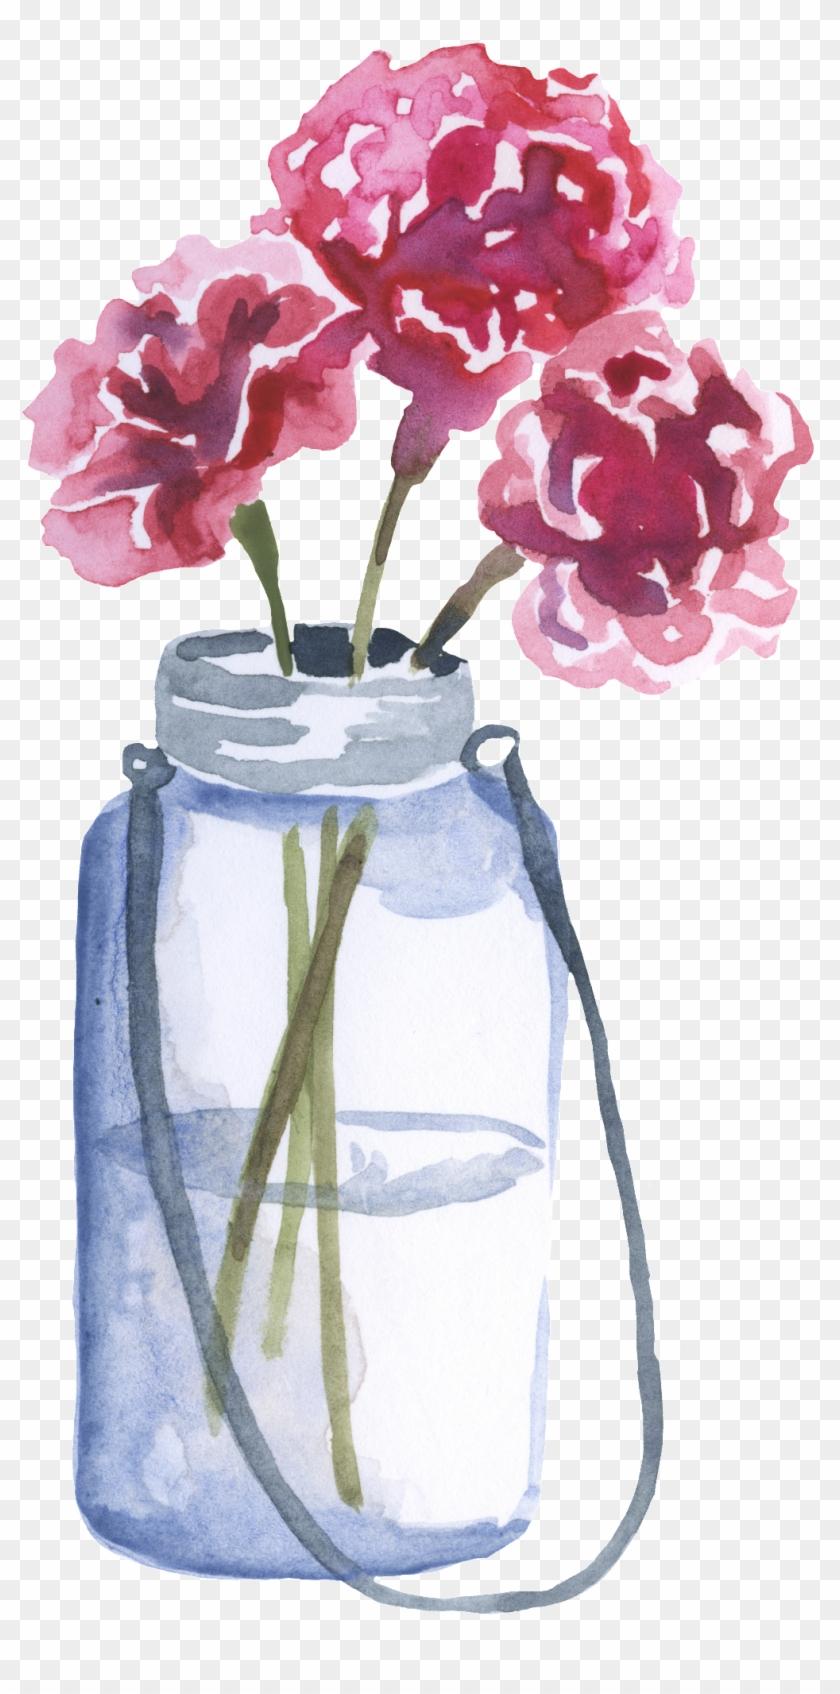 Purple Flower Arrangement Transparent Decorative - Vase Of Flowers Watercolor Clipart #5256753